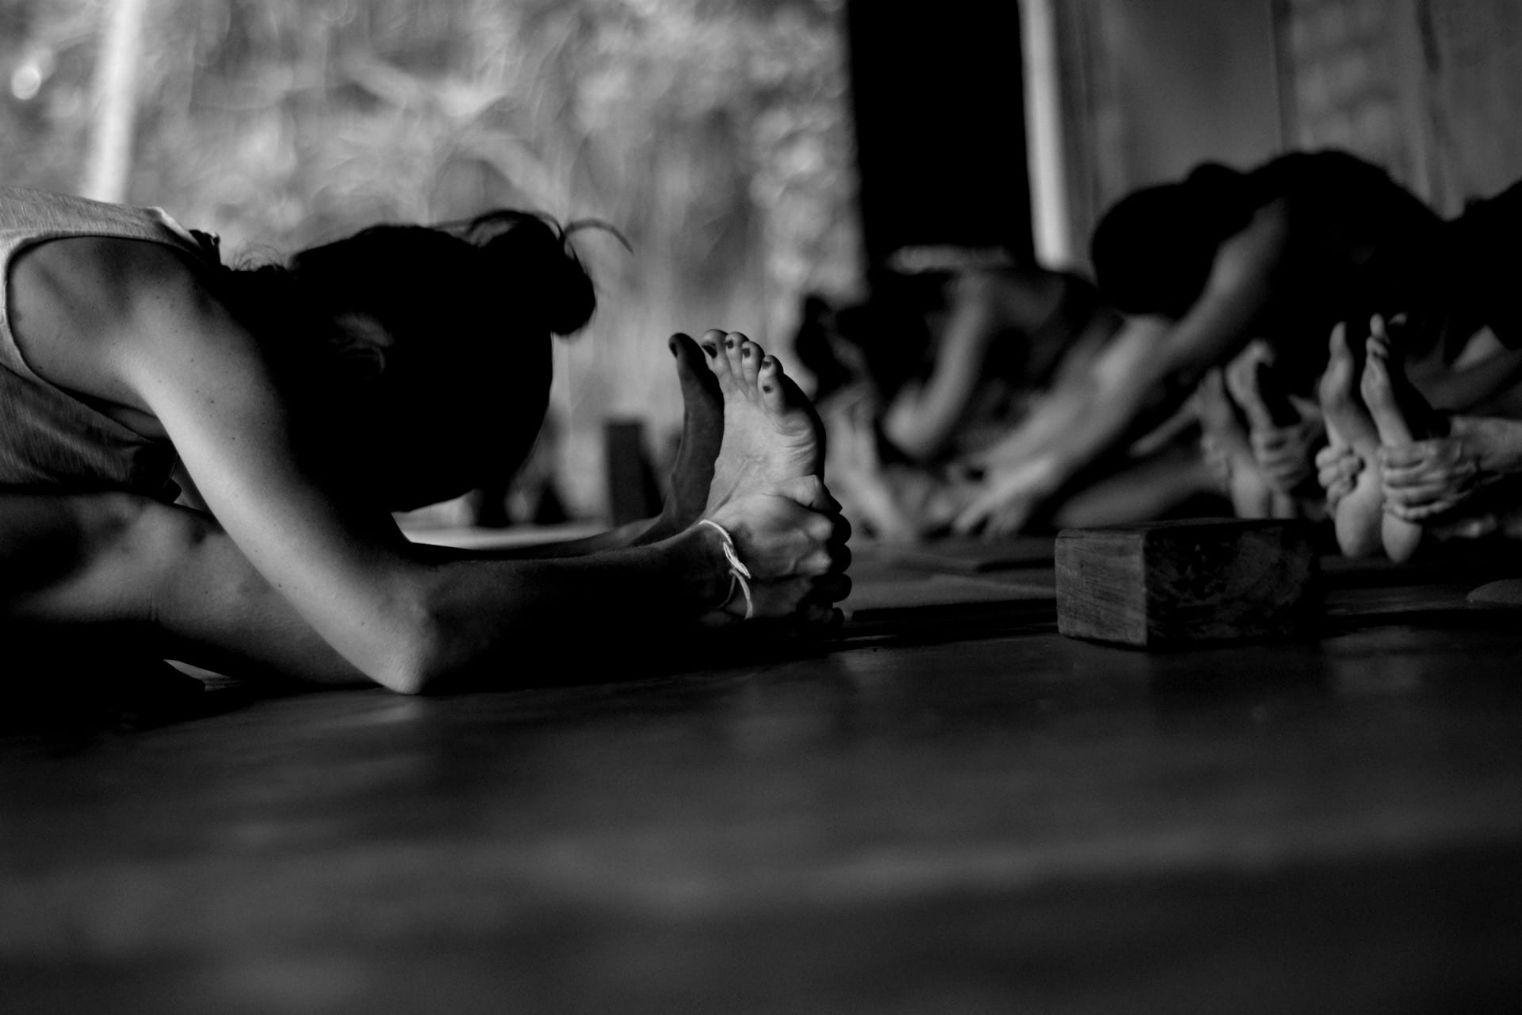 černobílá fotografie z jógování na Srí Lance, kdy se všichni snaží dojít rukama až k nohám při naplích kolenou